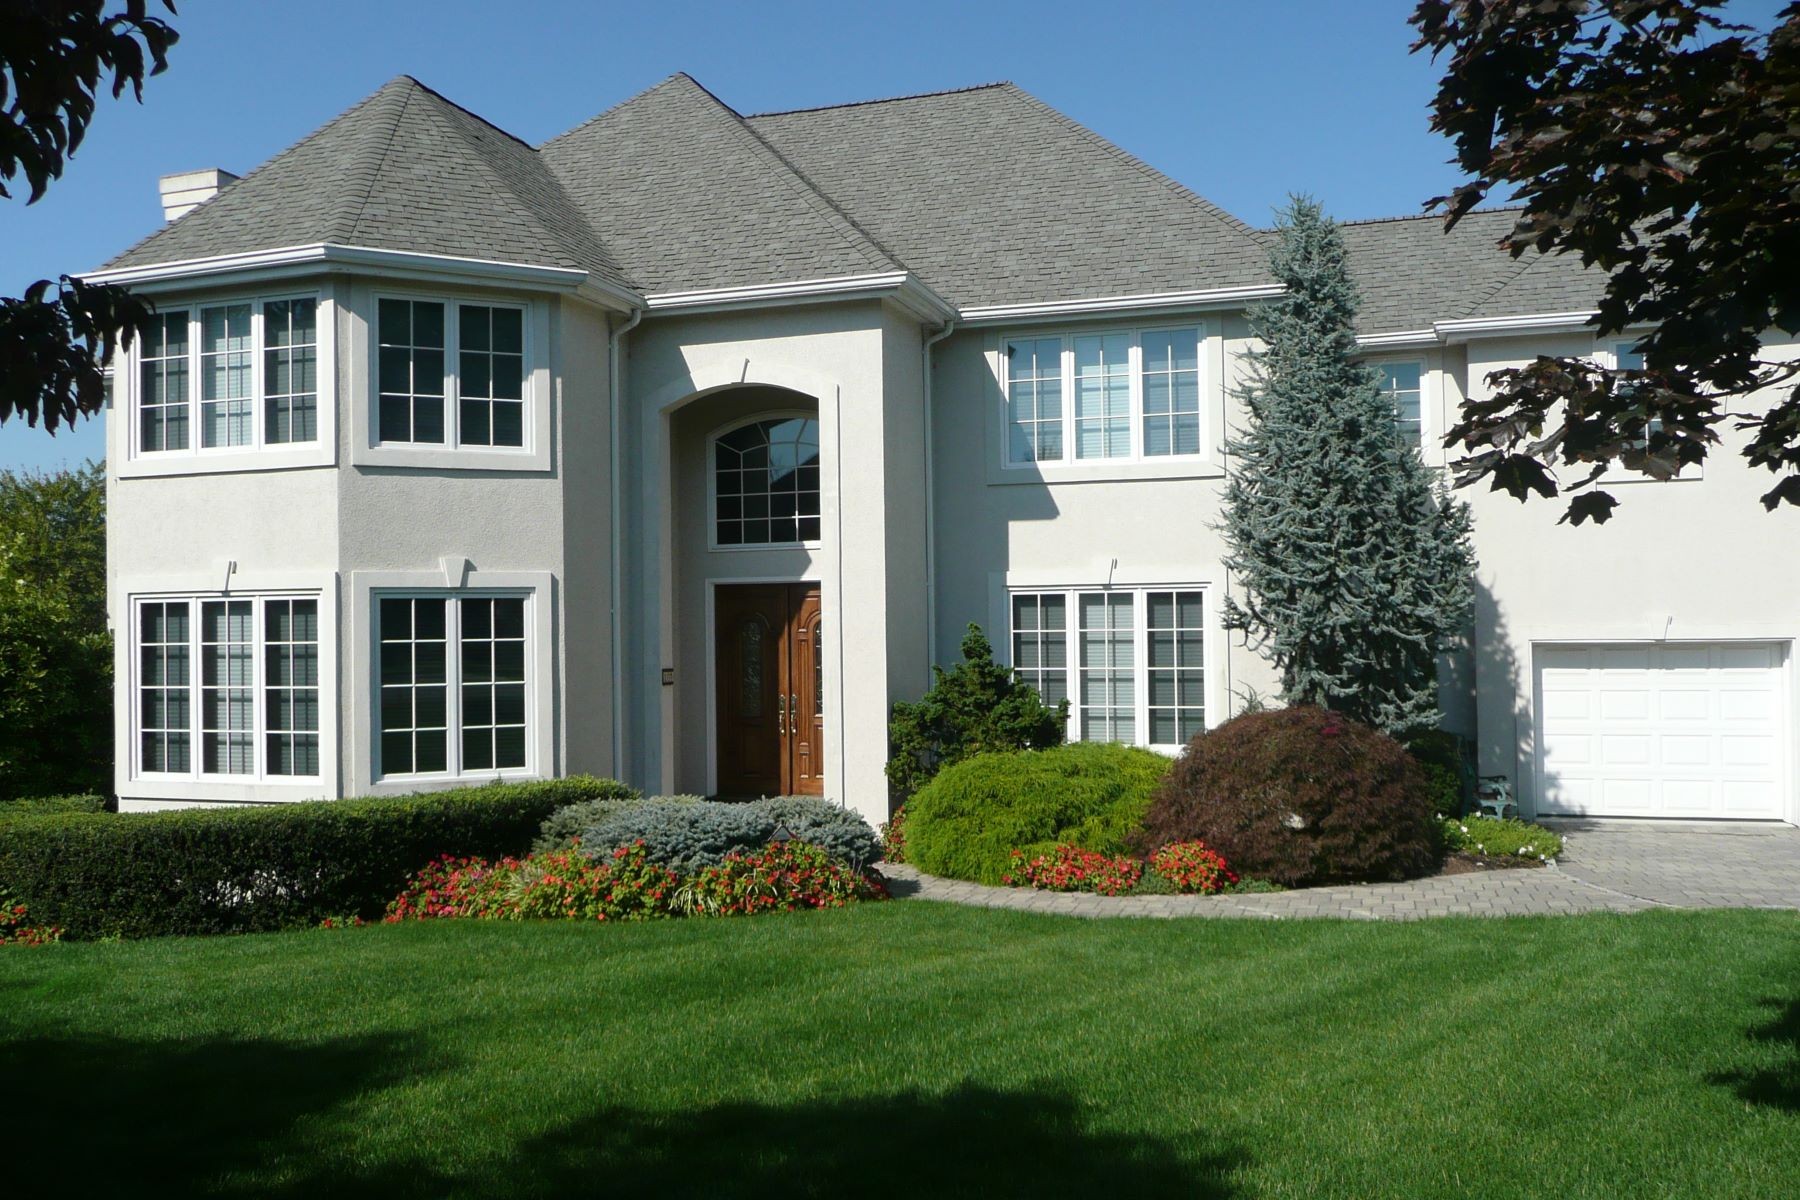 Casa Unifamiliar por un Venta en Modern & Classic 10 Blackledge Ct, Closter, Nueva Jersey 07626 Estados Unidos